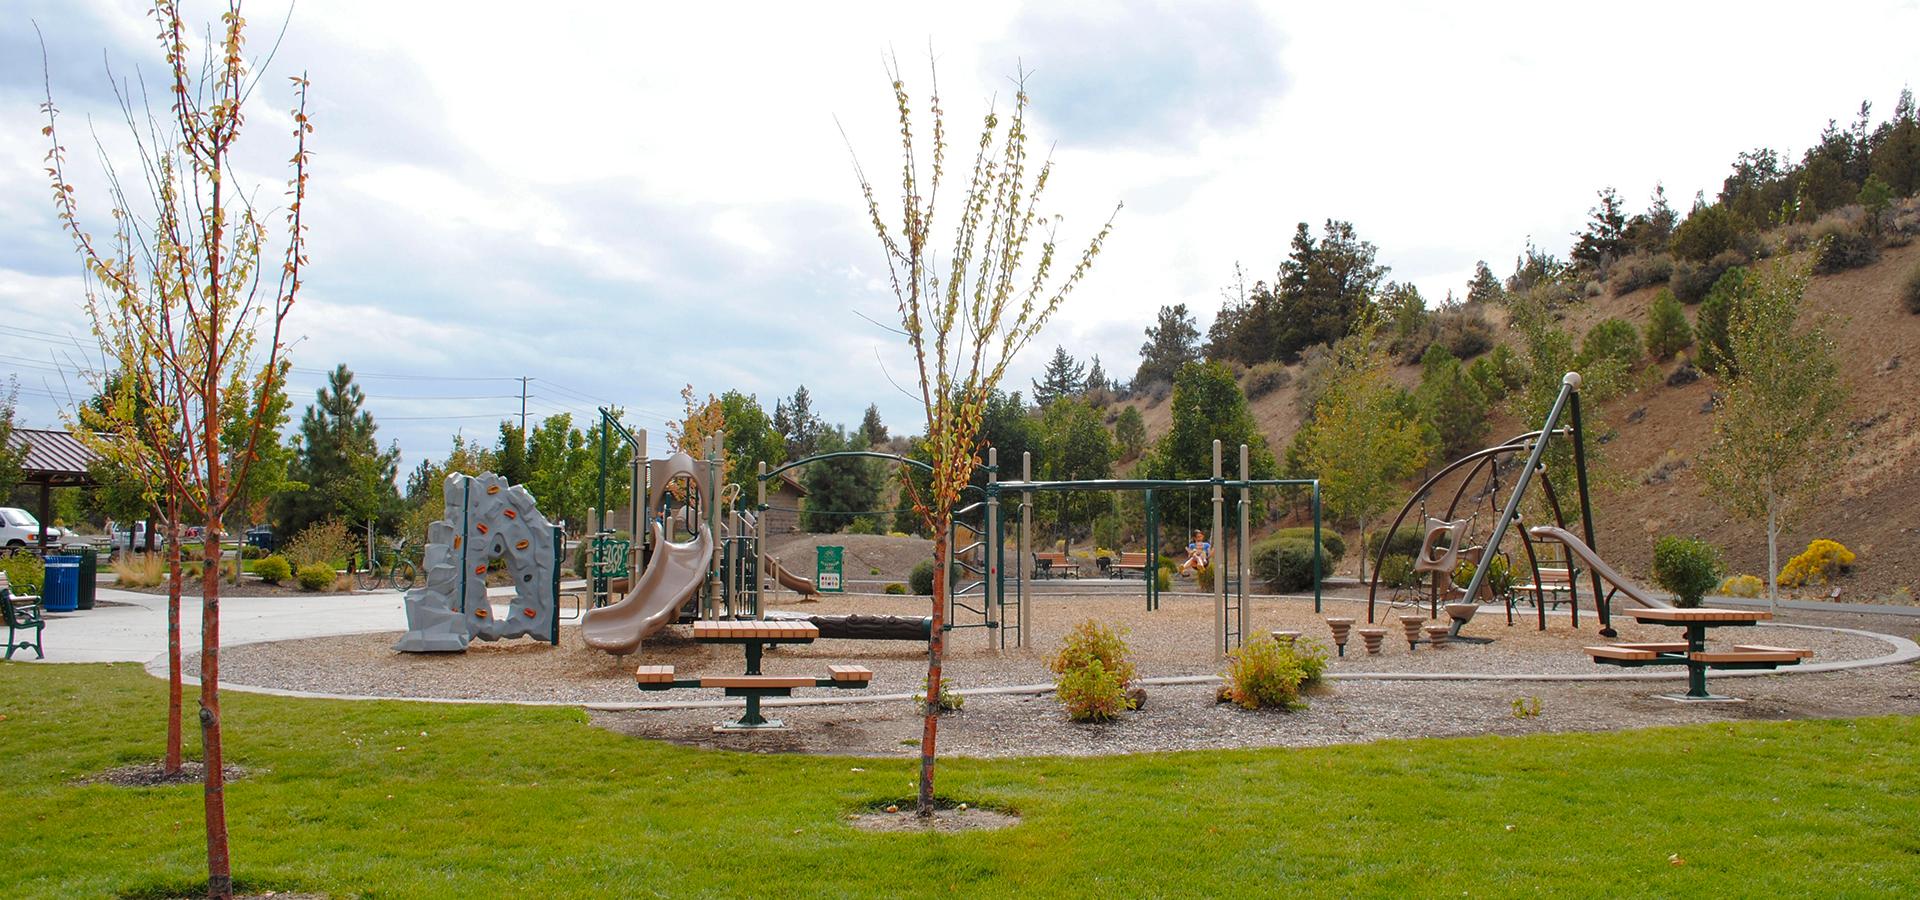 Pilot-Butte-Community-Park-in-Bend